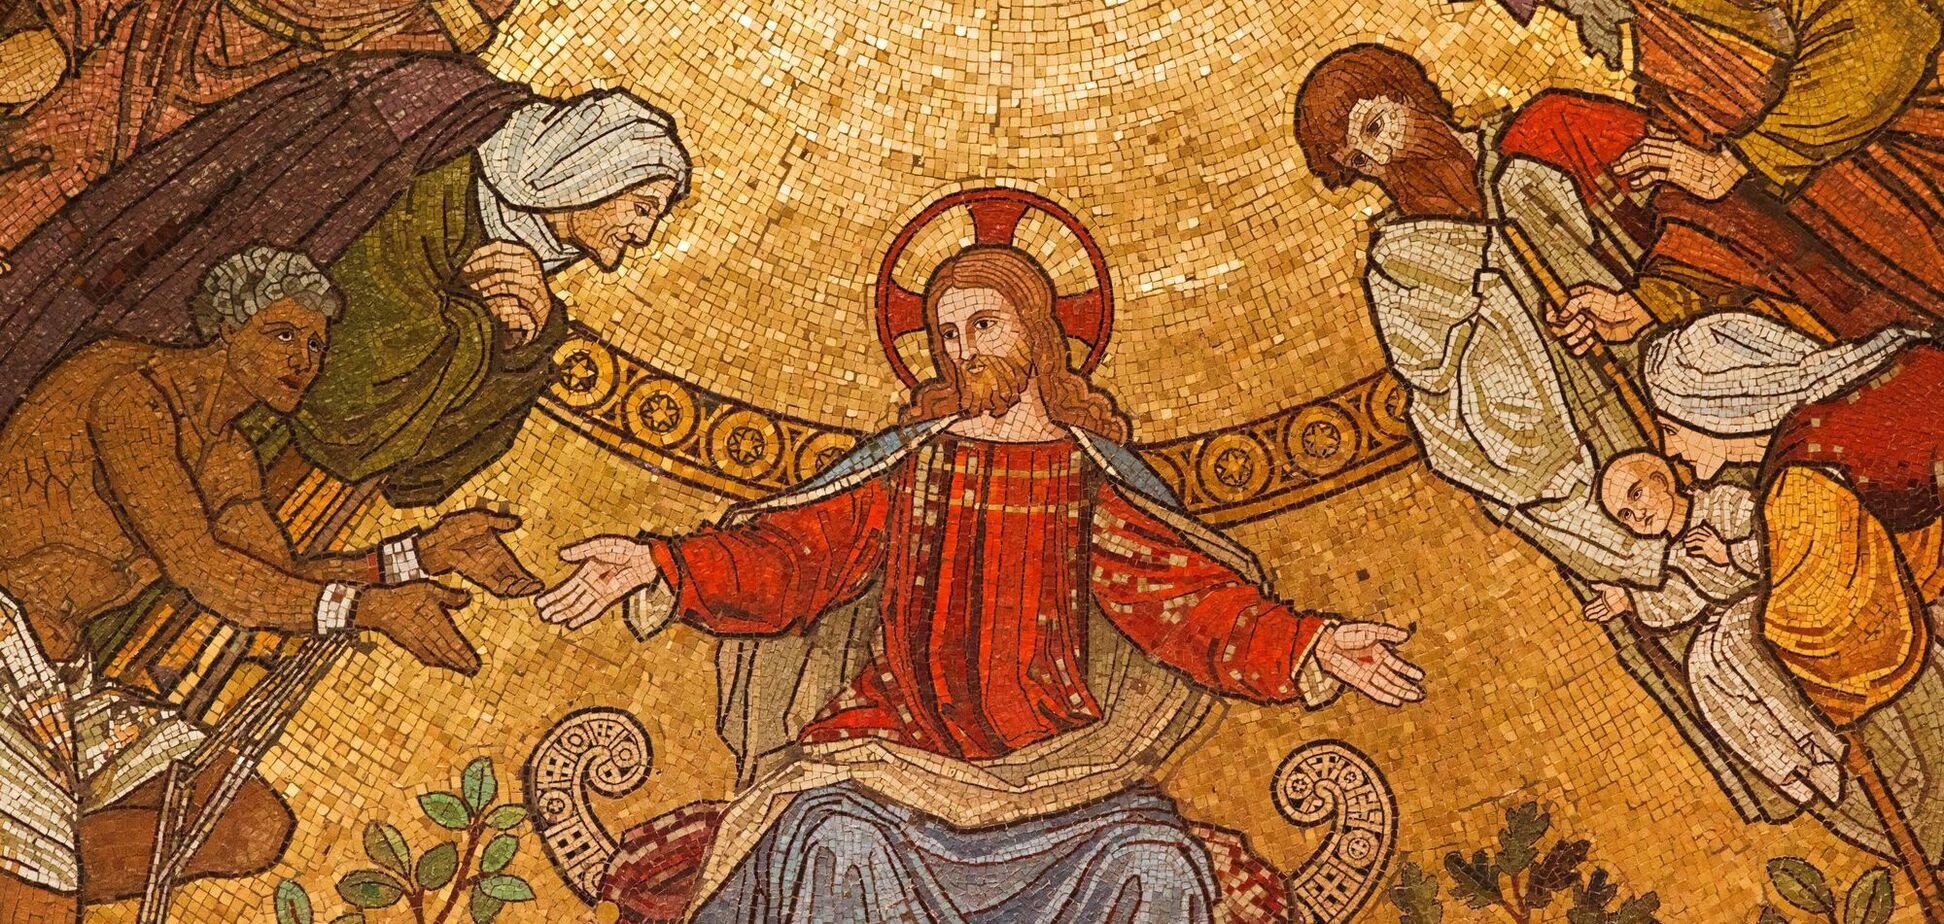 Свято Найсвятішого Серця Ісуса з'явилося в 19 столітті